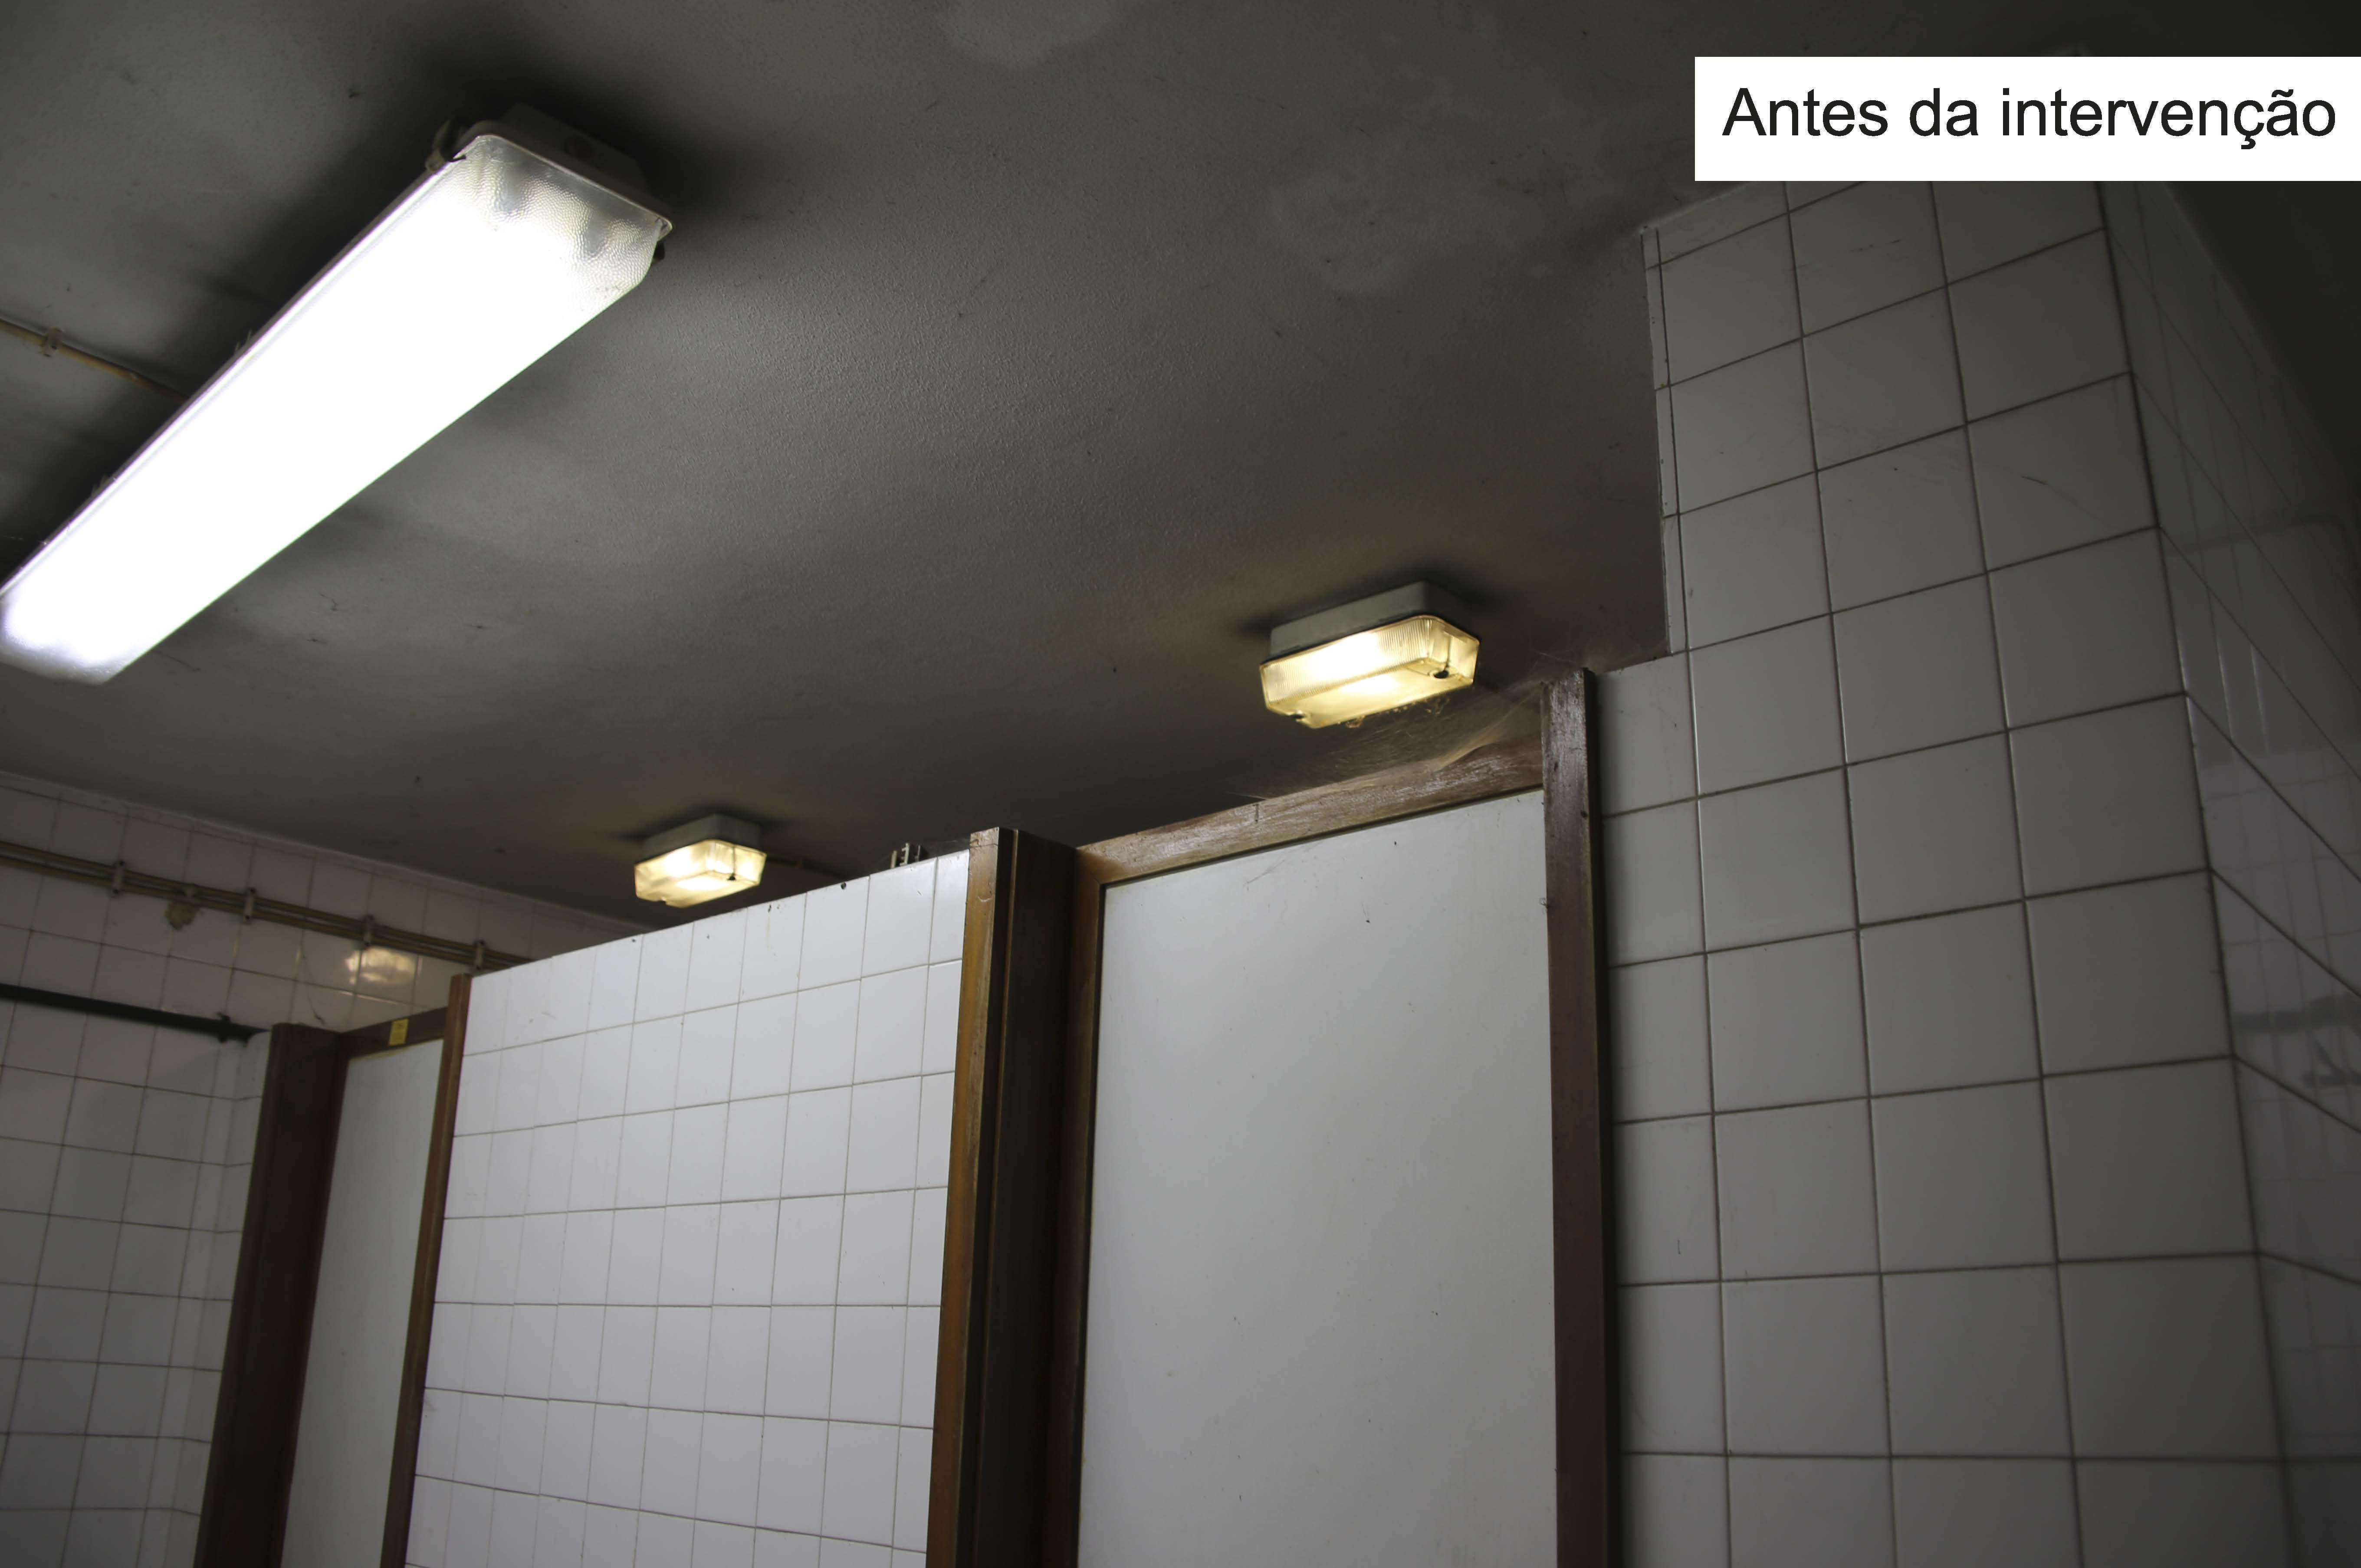 Estado dos sanitários anterior às obras